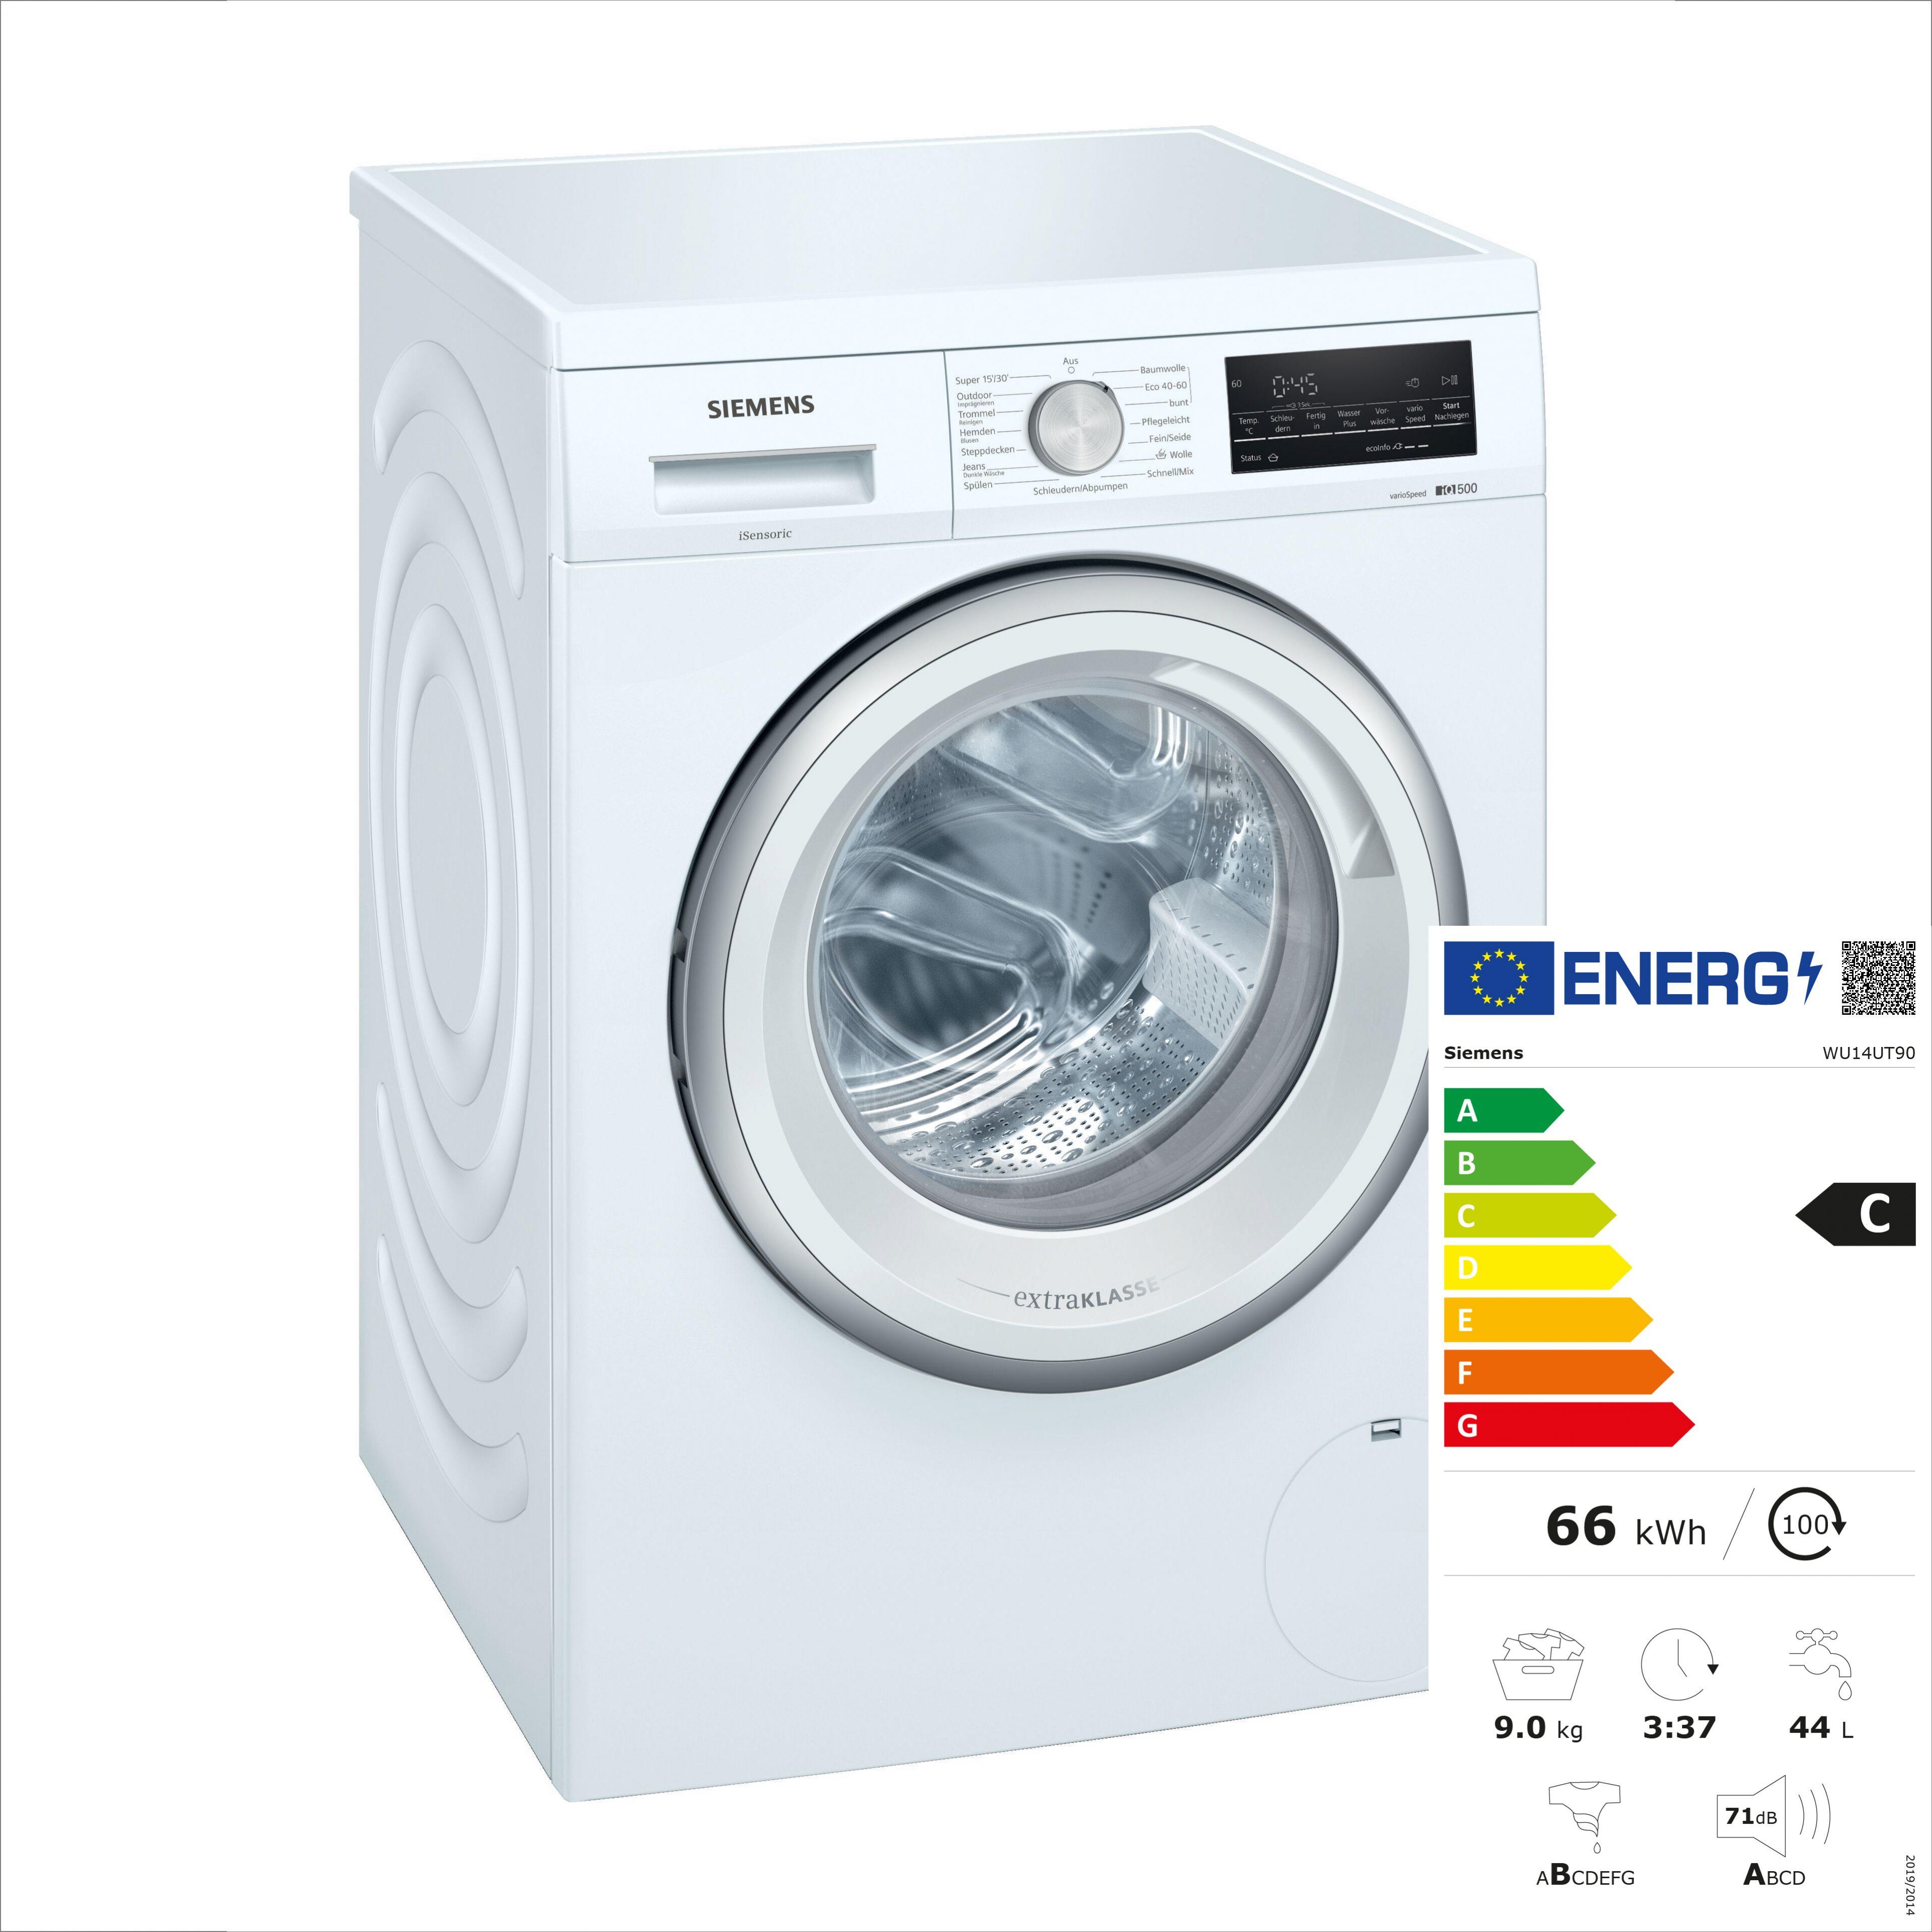 Siemens WU14UT90